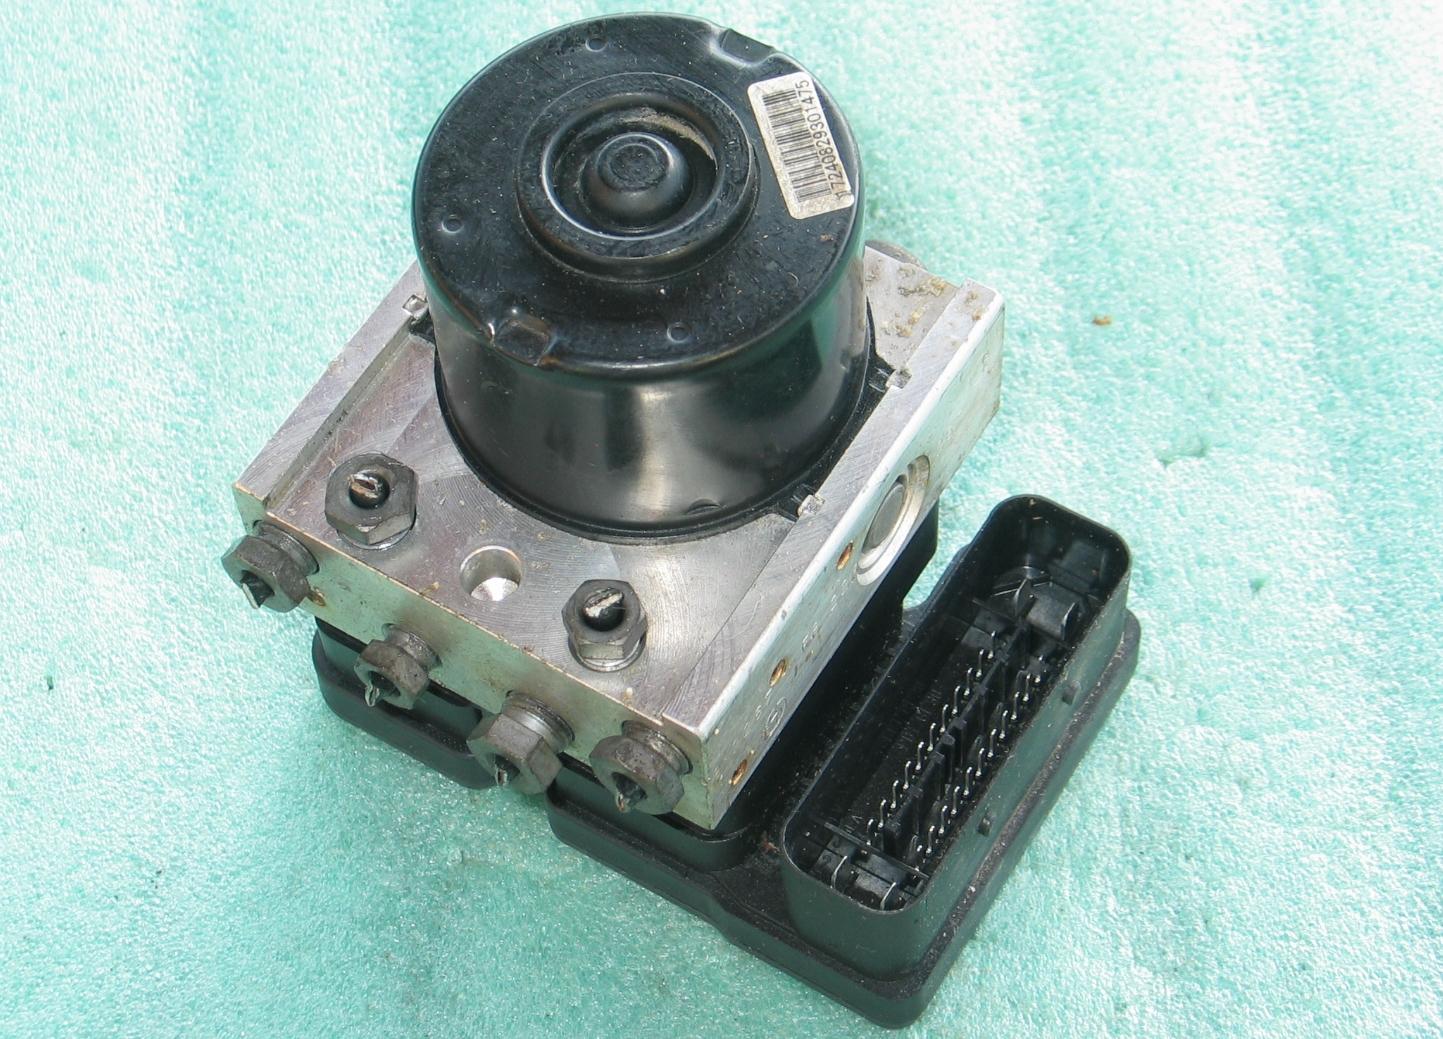 Abs Module Fusion Fiesta Ka Ford 4s61 2m110 Cc 10020700514 Ate 10 0970 0117 3 10097001323